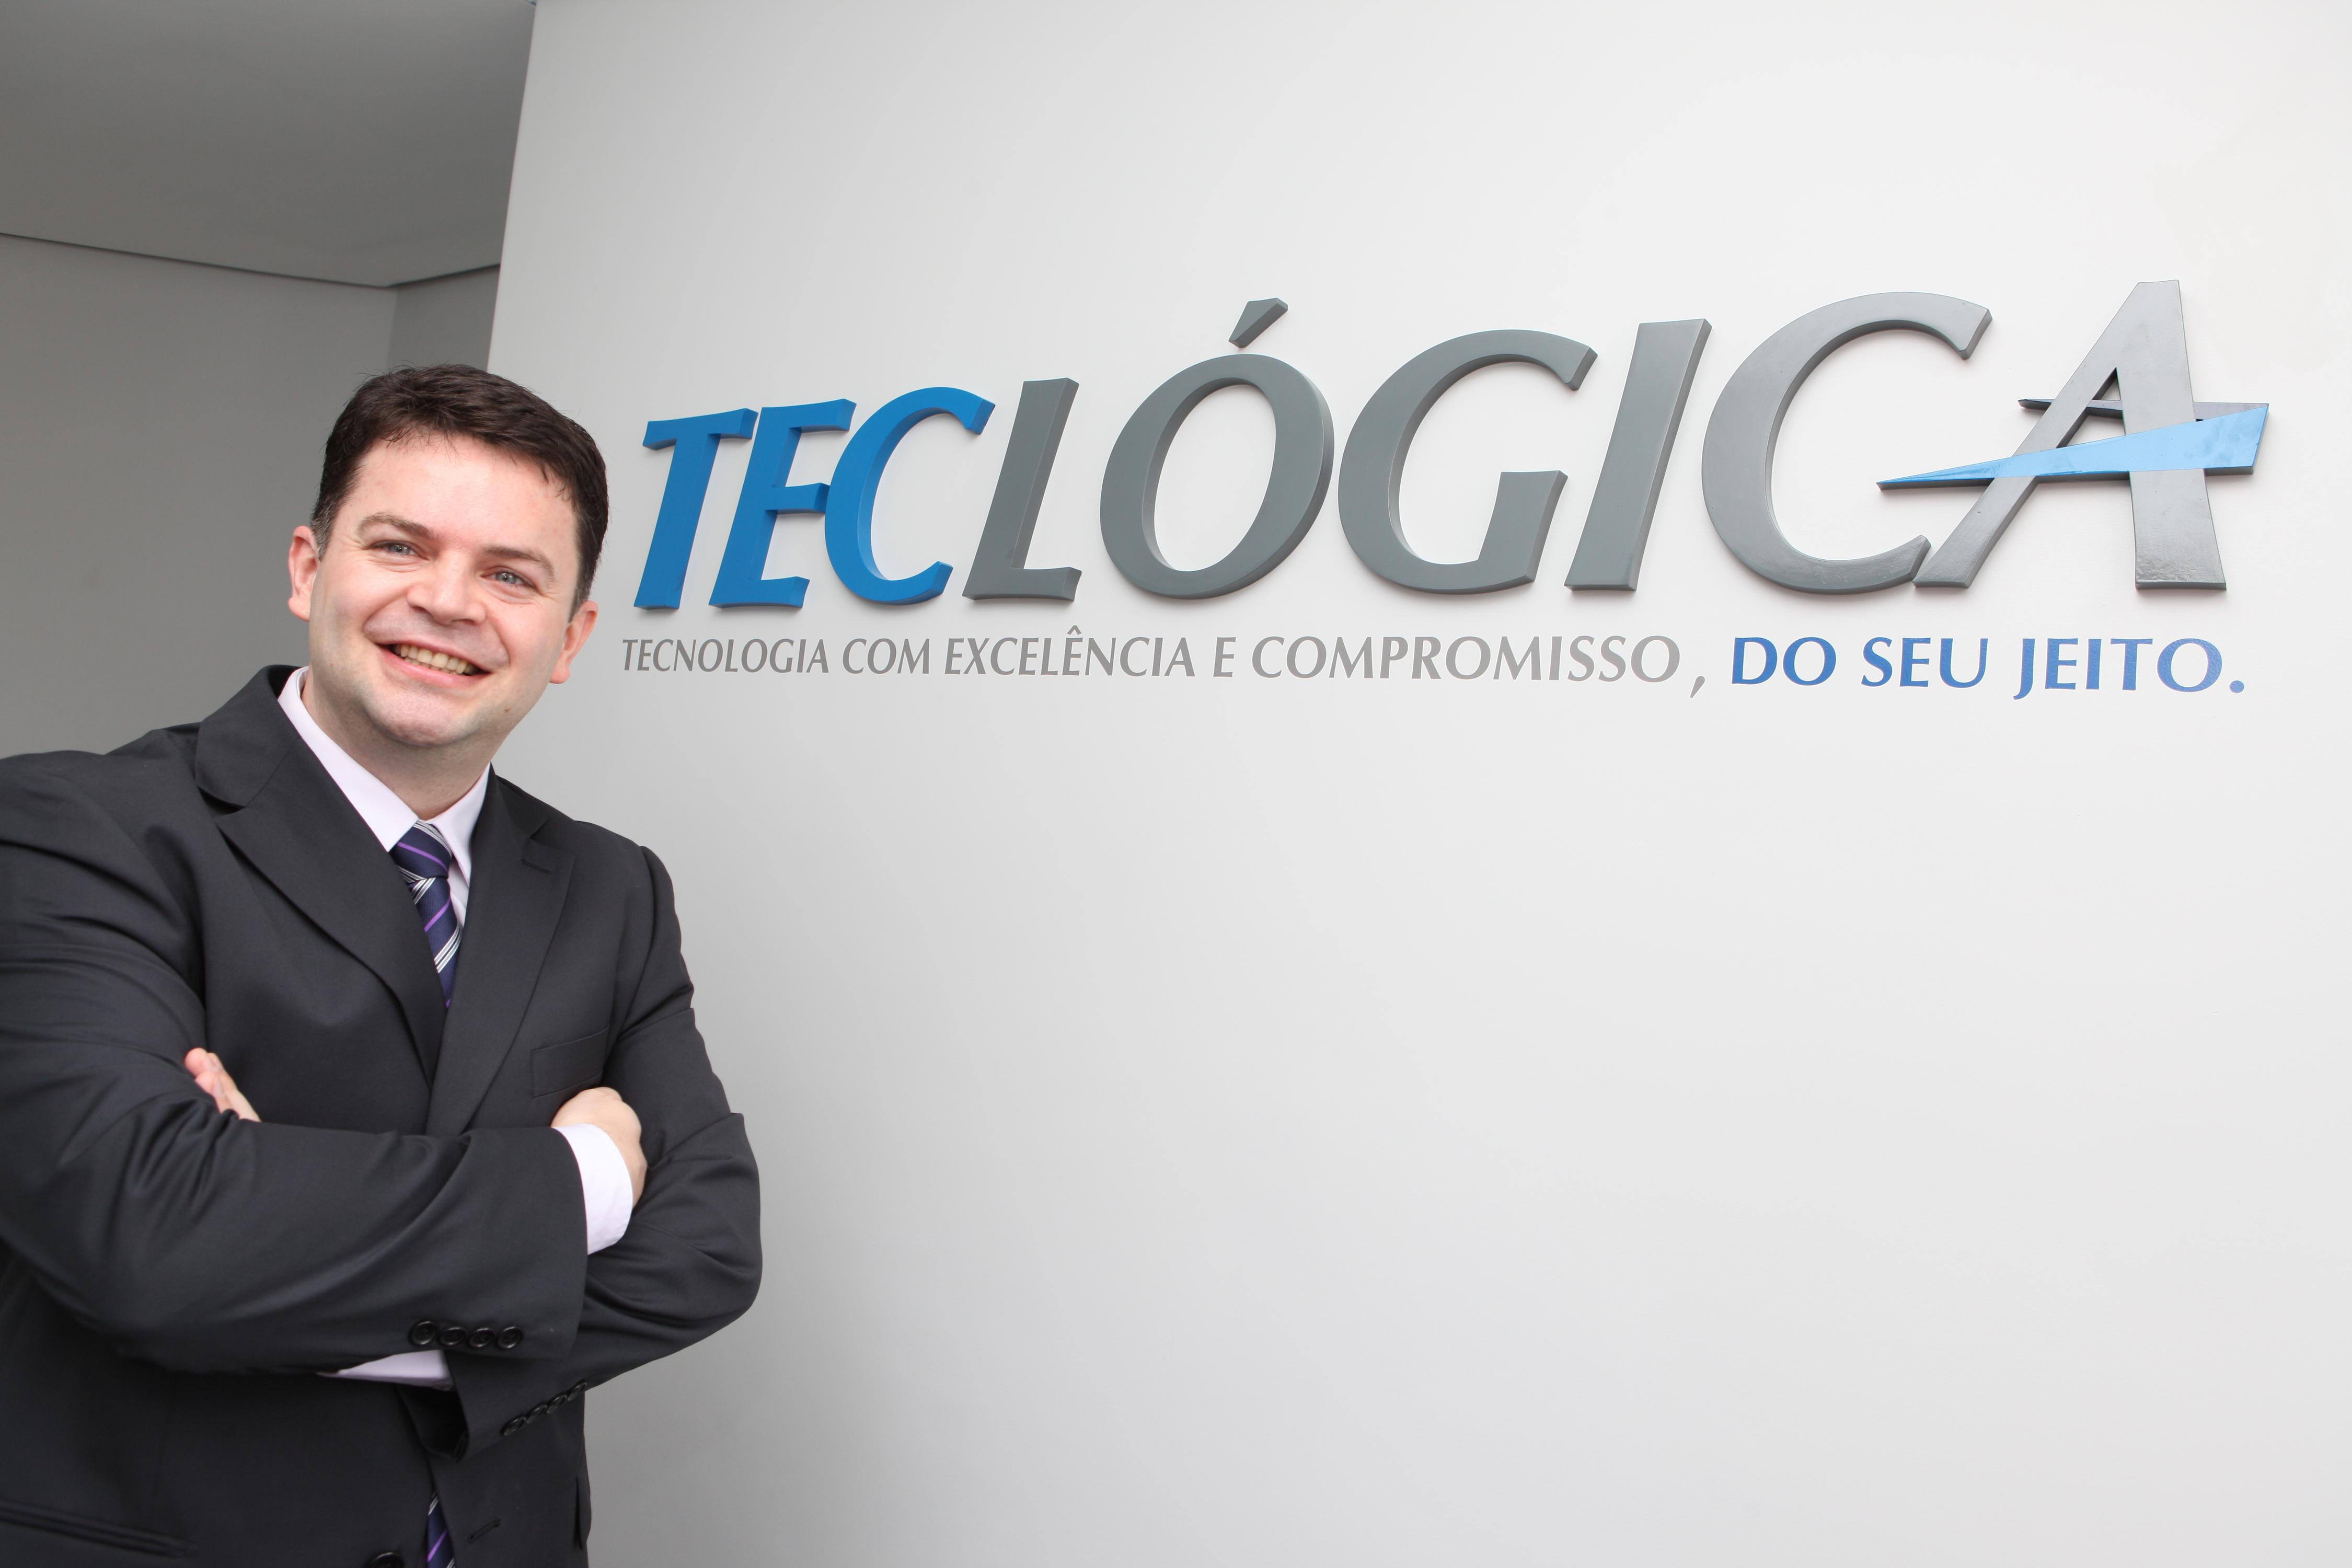 Teclógica cresce 30% em 2016 e investe em gestão